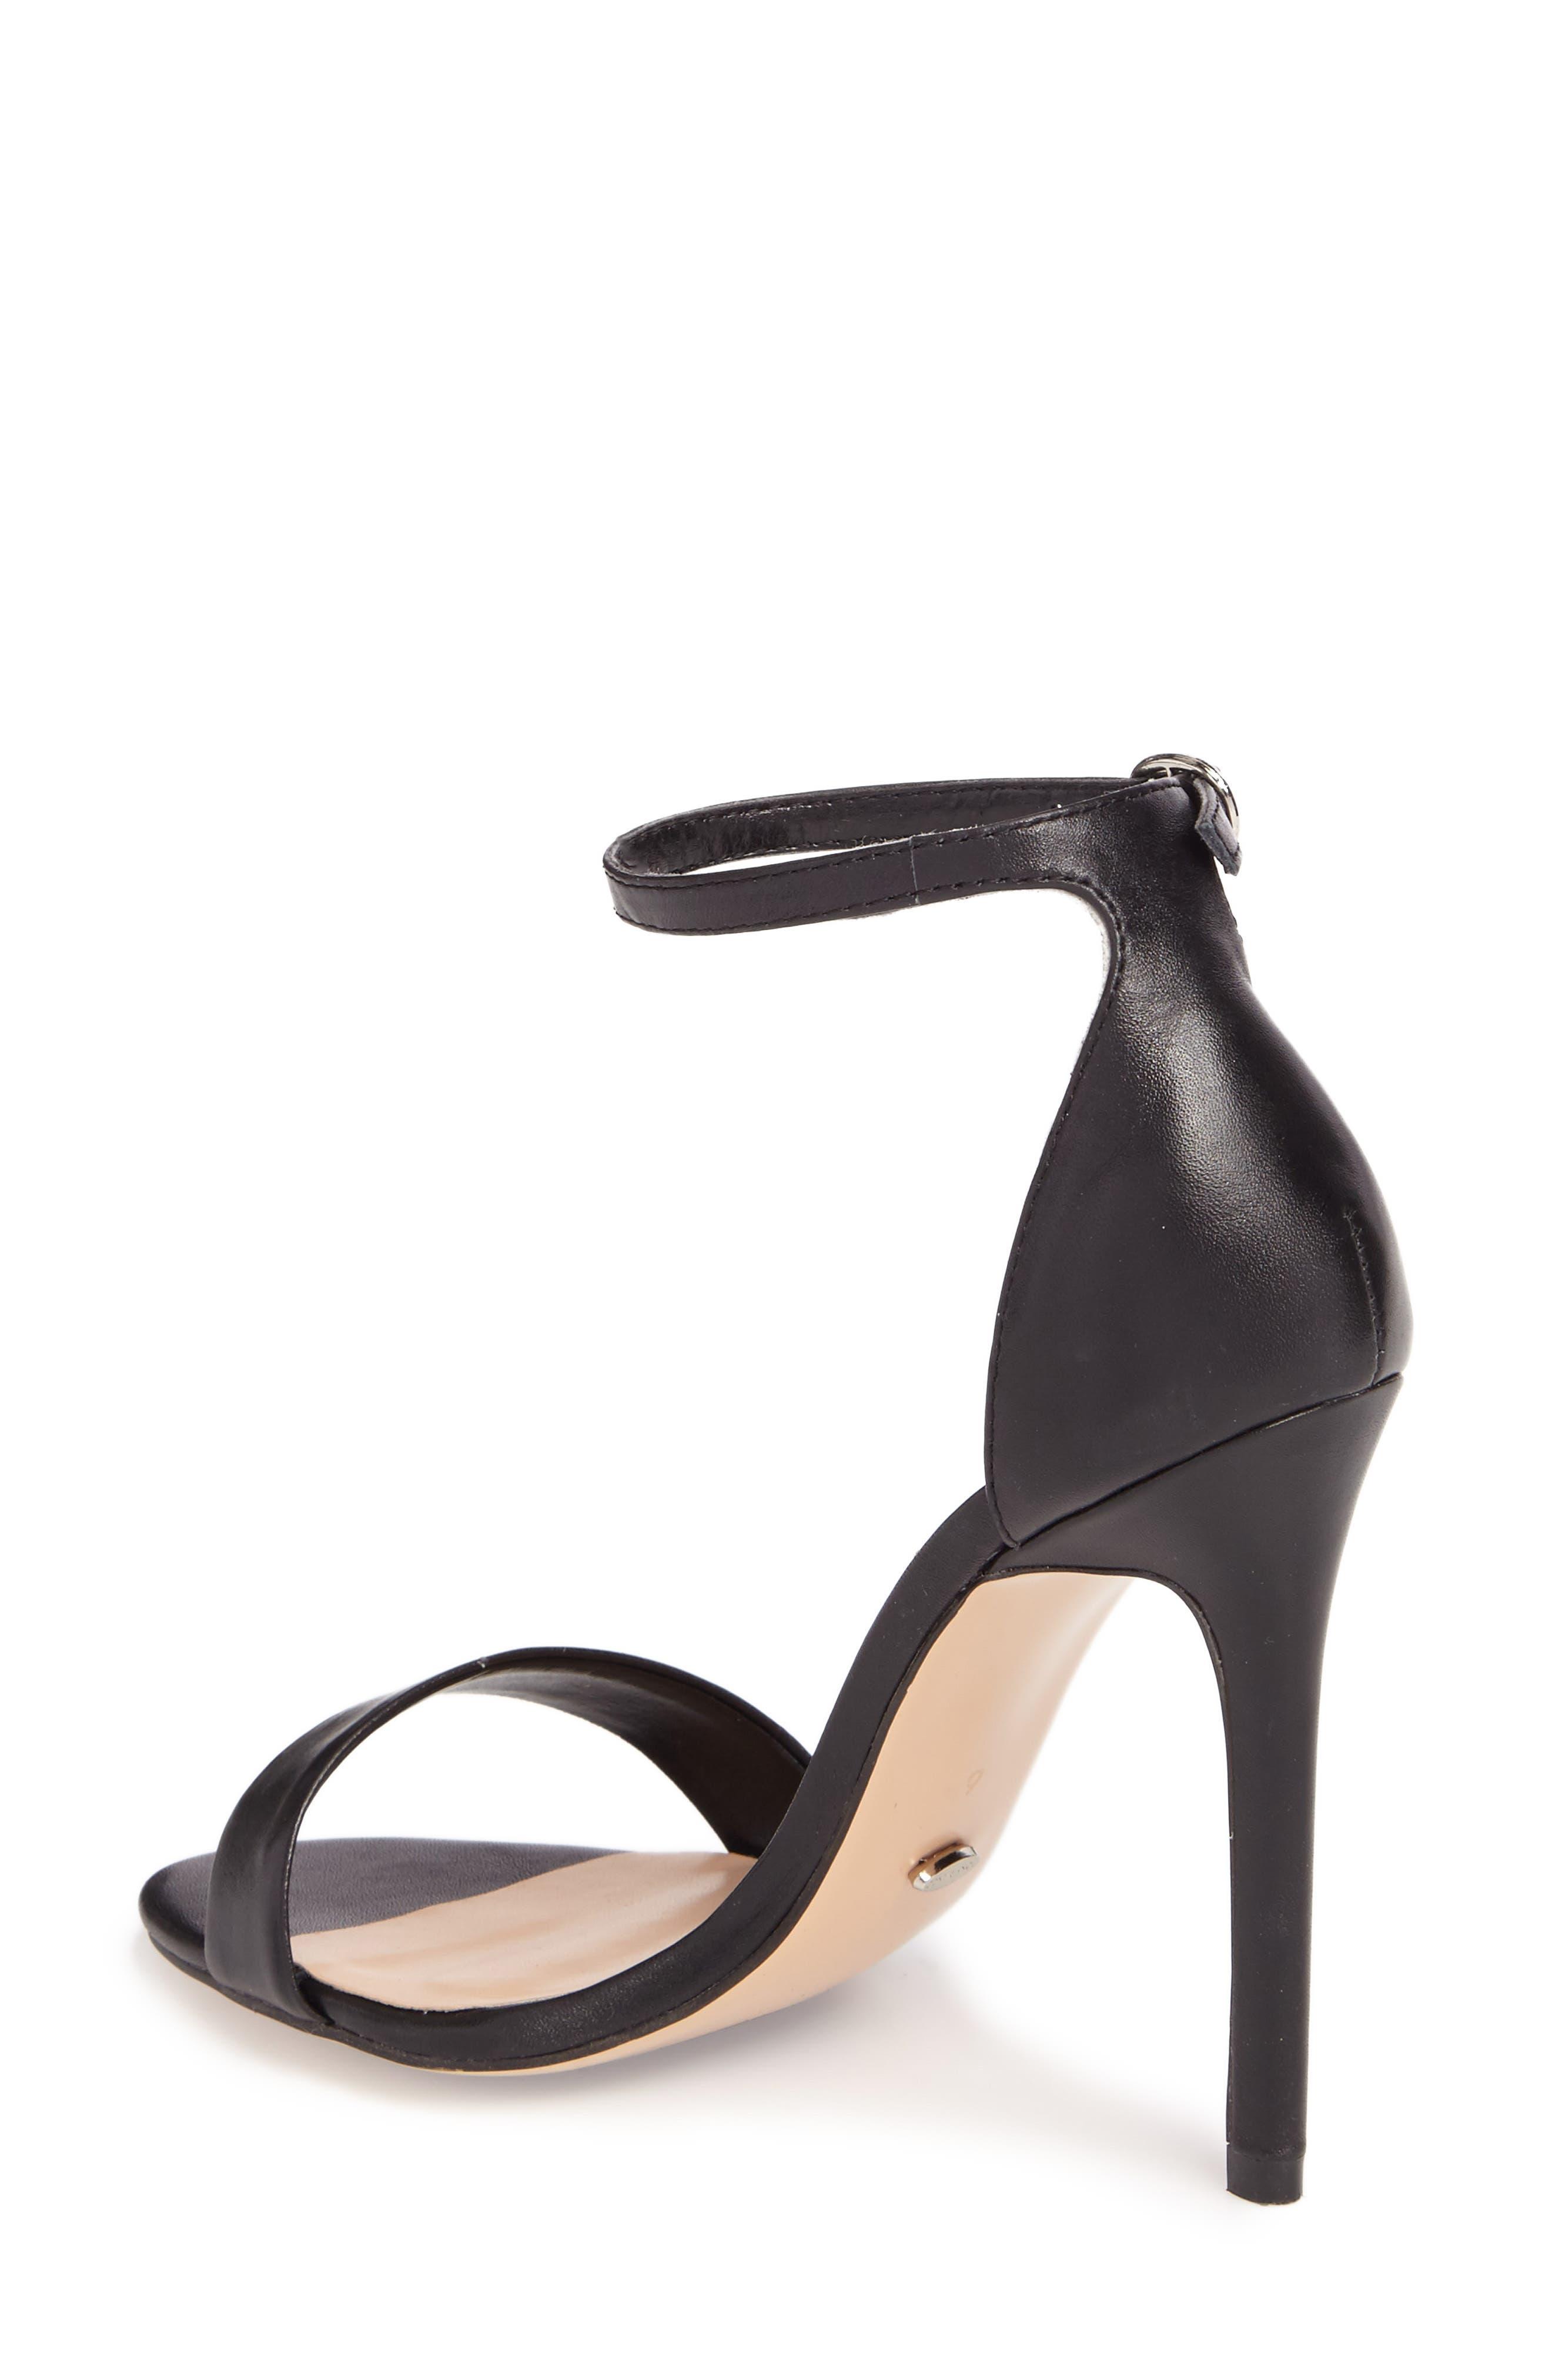 Karvan Ankle Strap Sandal,                             Alternate thumbnail 2, color,                             002